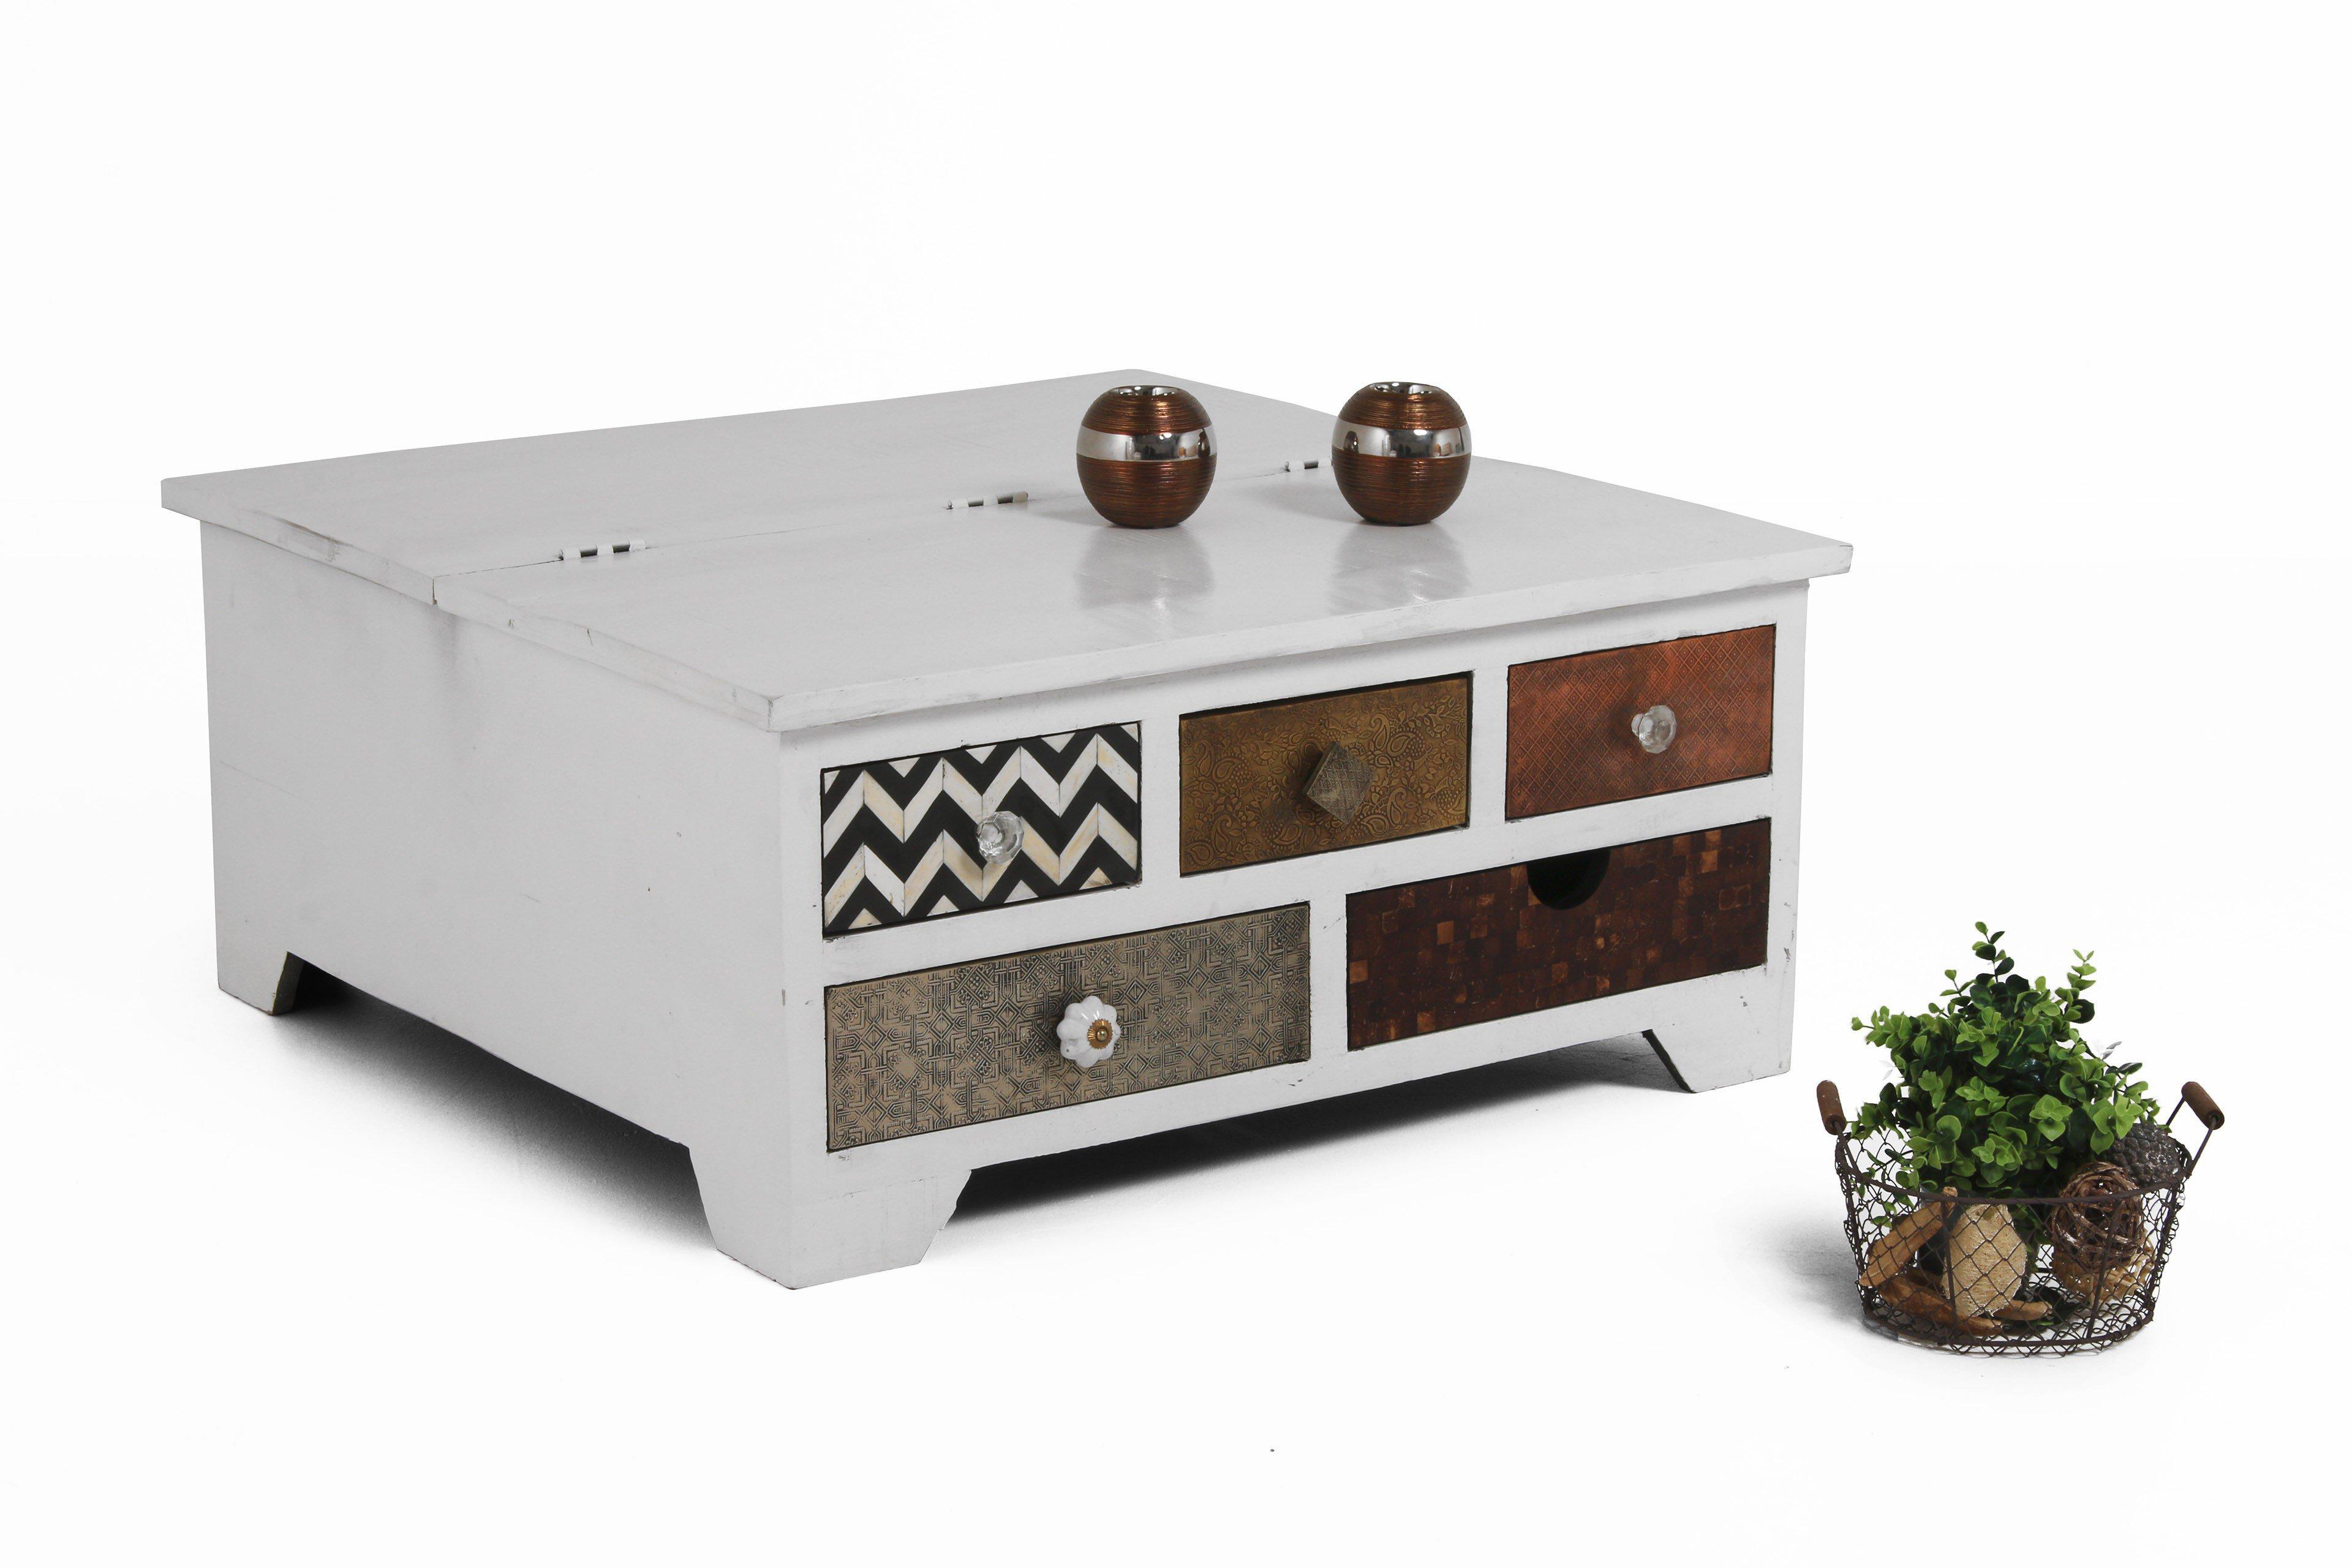 sit couchtisch ivory mangoholz m bel letz ihr online shop. Black Bedroom Furniture Sets. Home Design Ideas